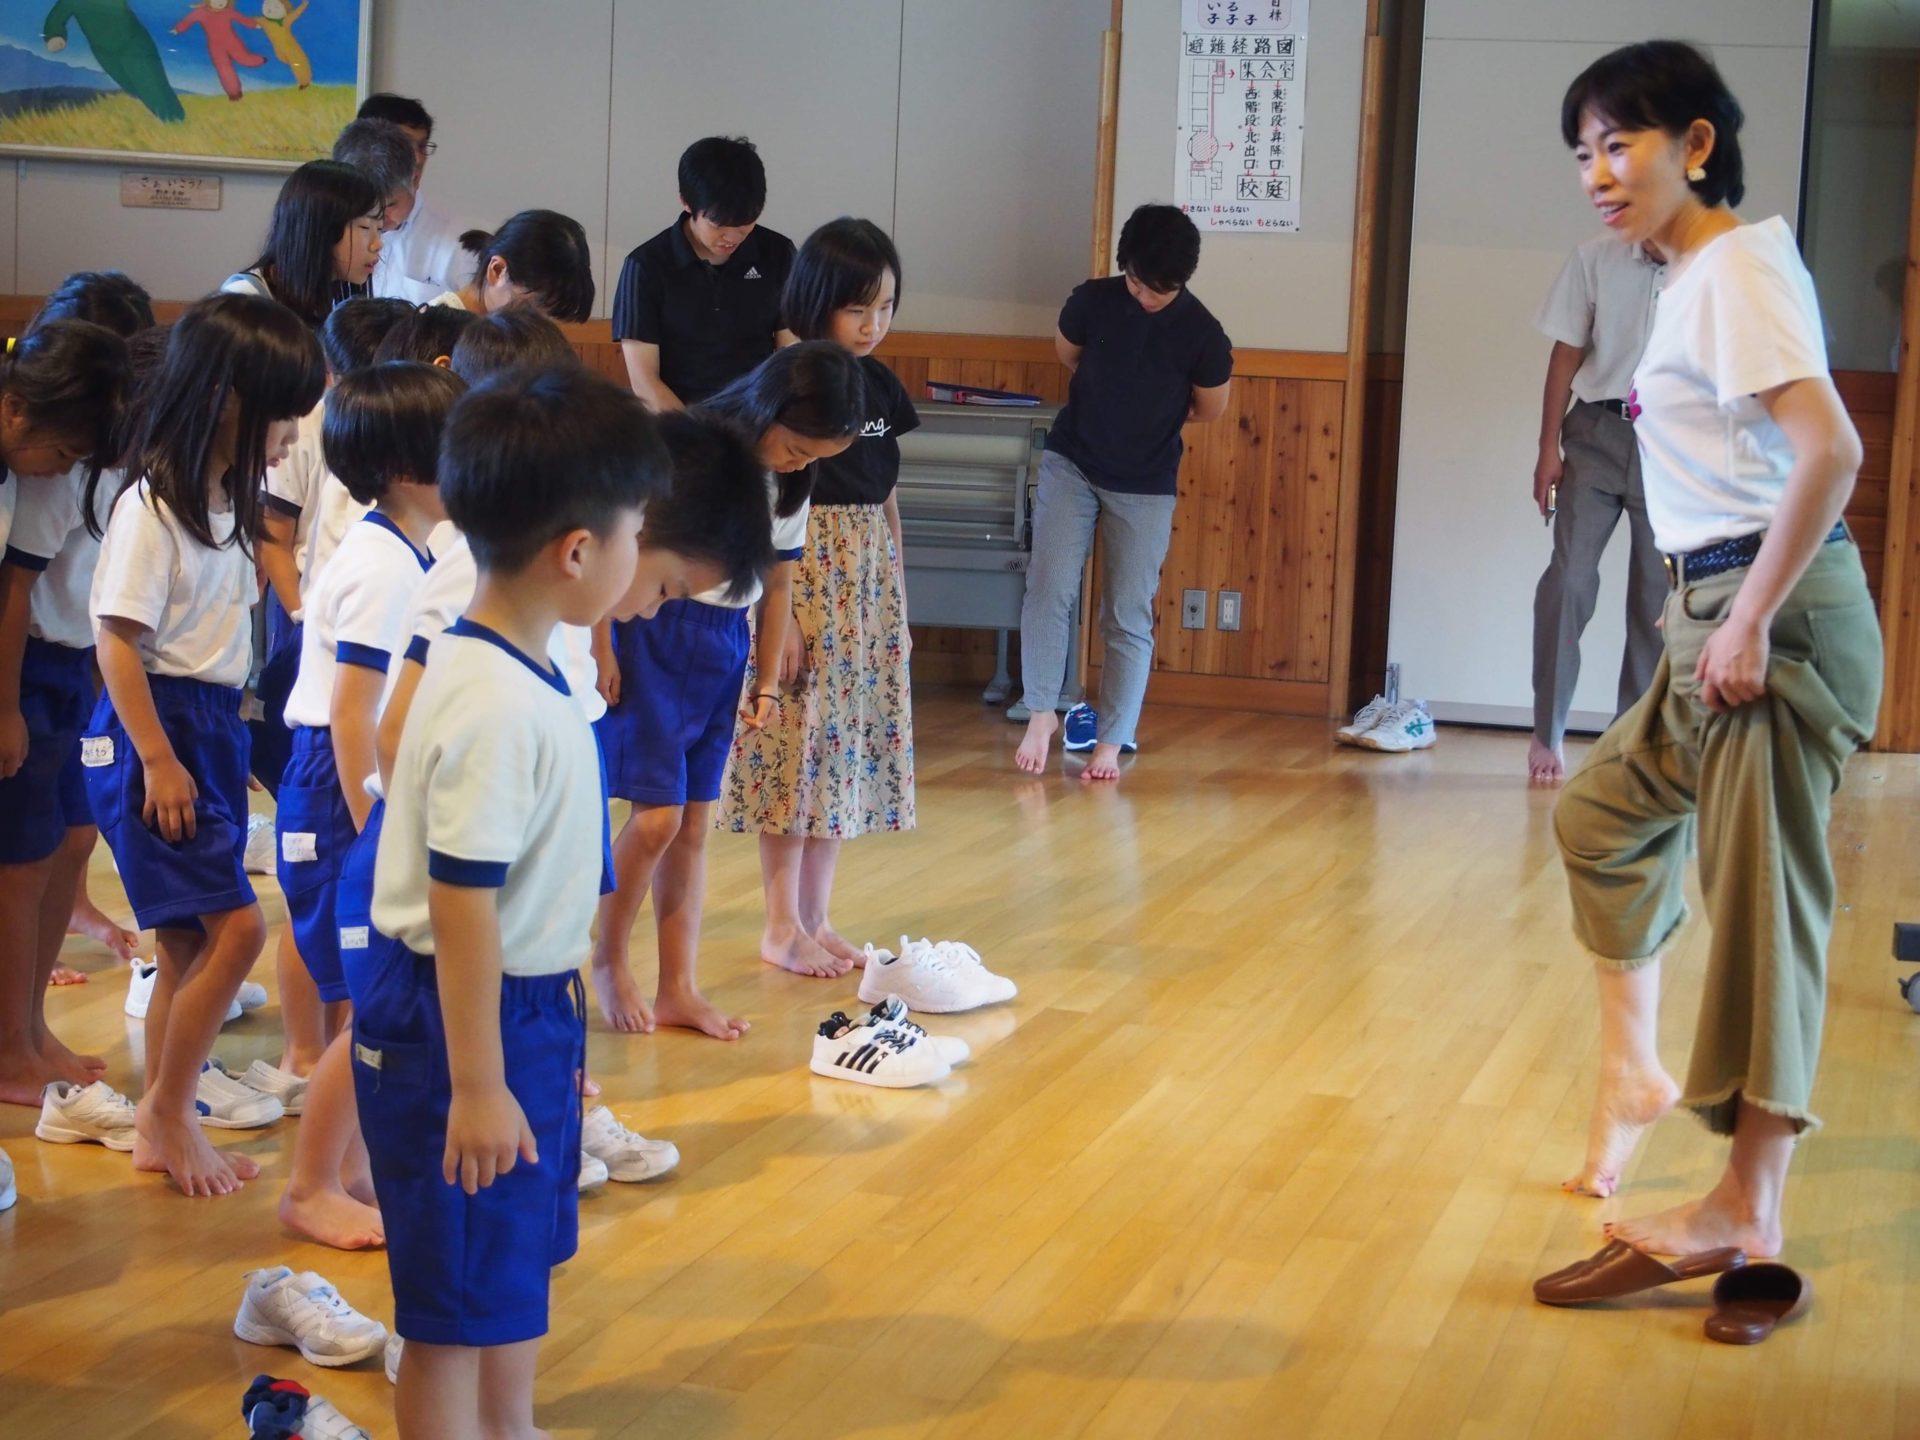 image-足裏講演会@筑北小学校 | オーダーインソールのクイスクイス